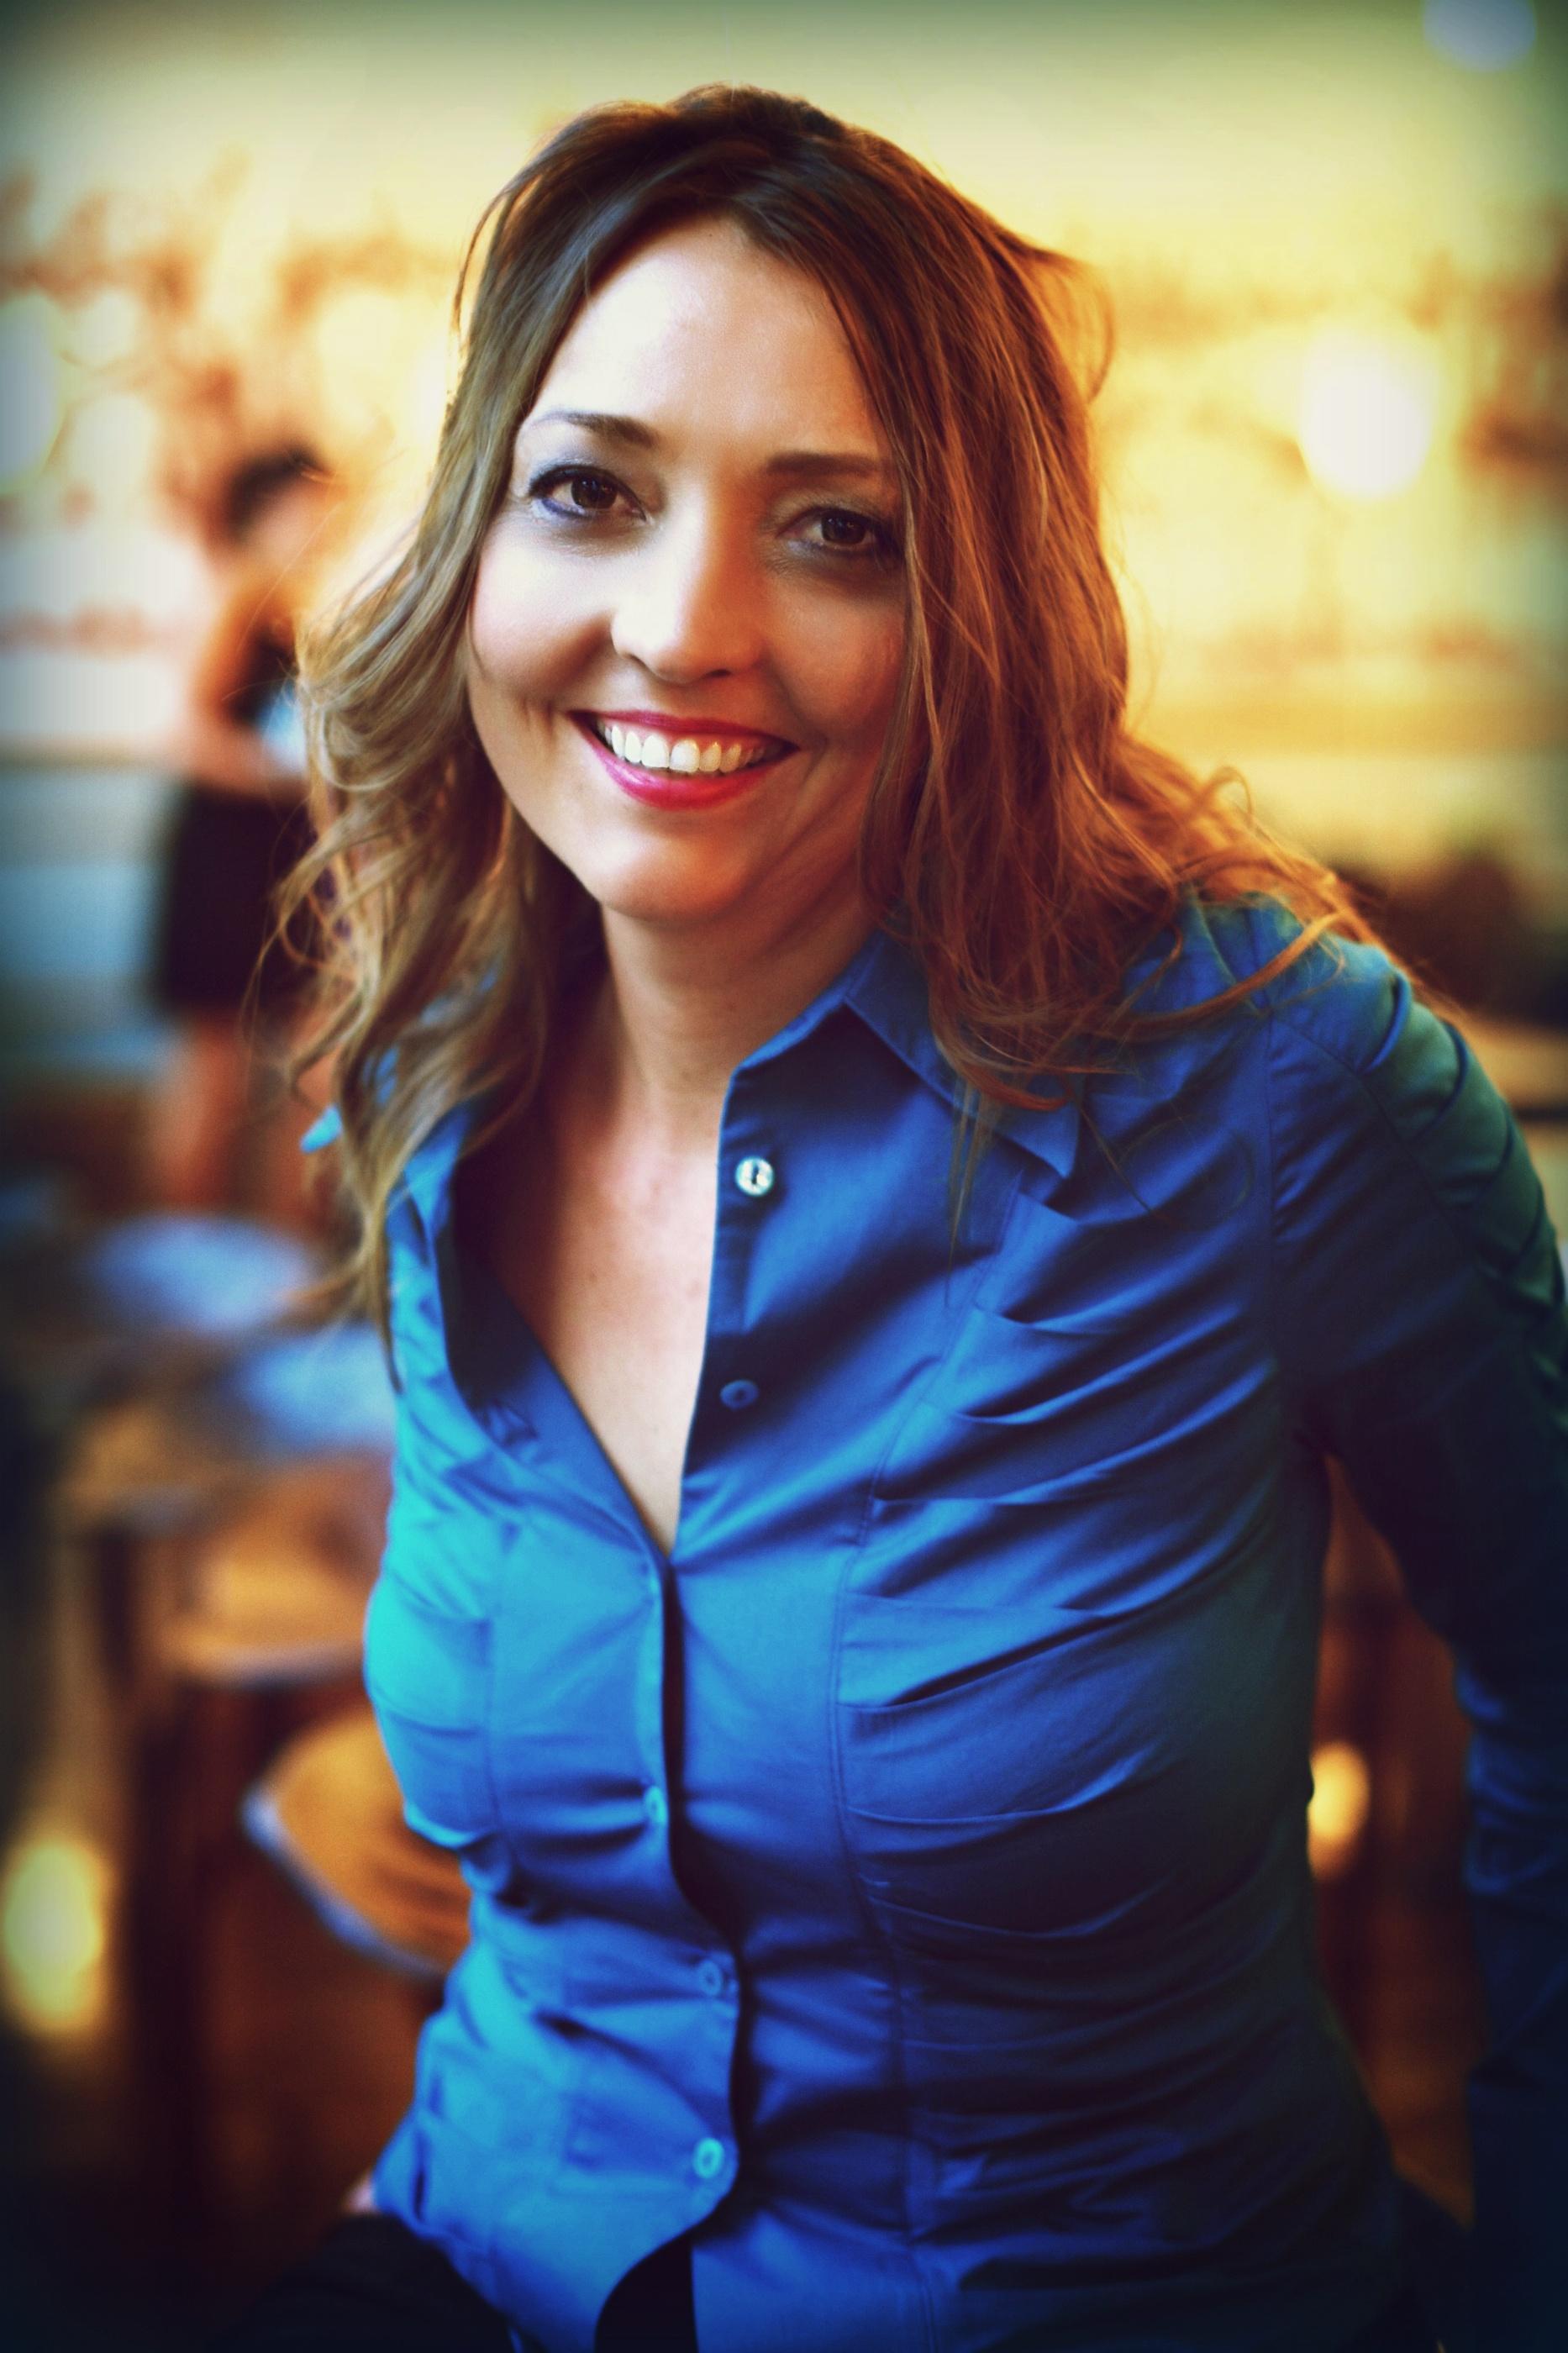 Nicola Eveleigh